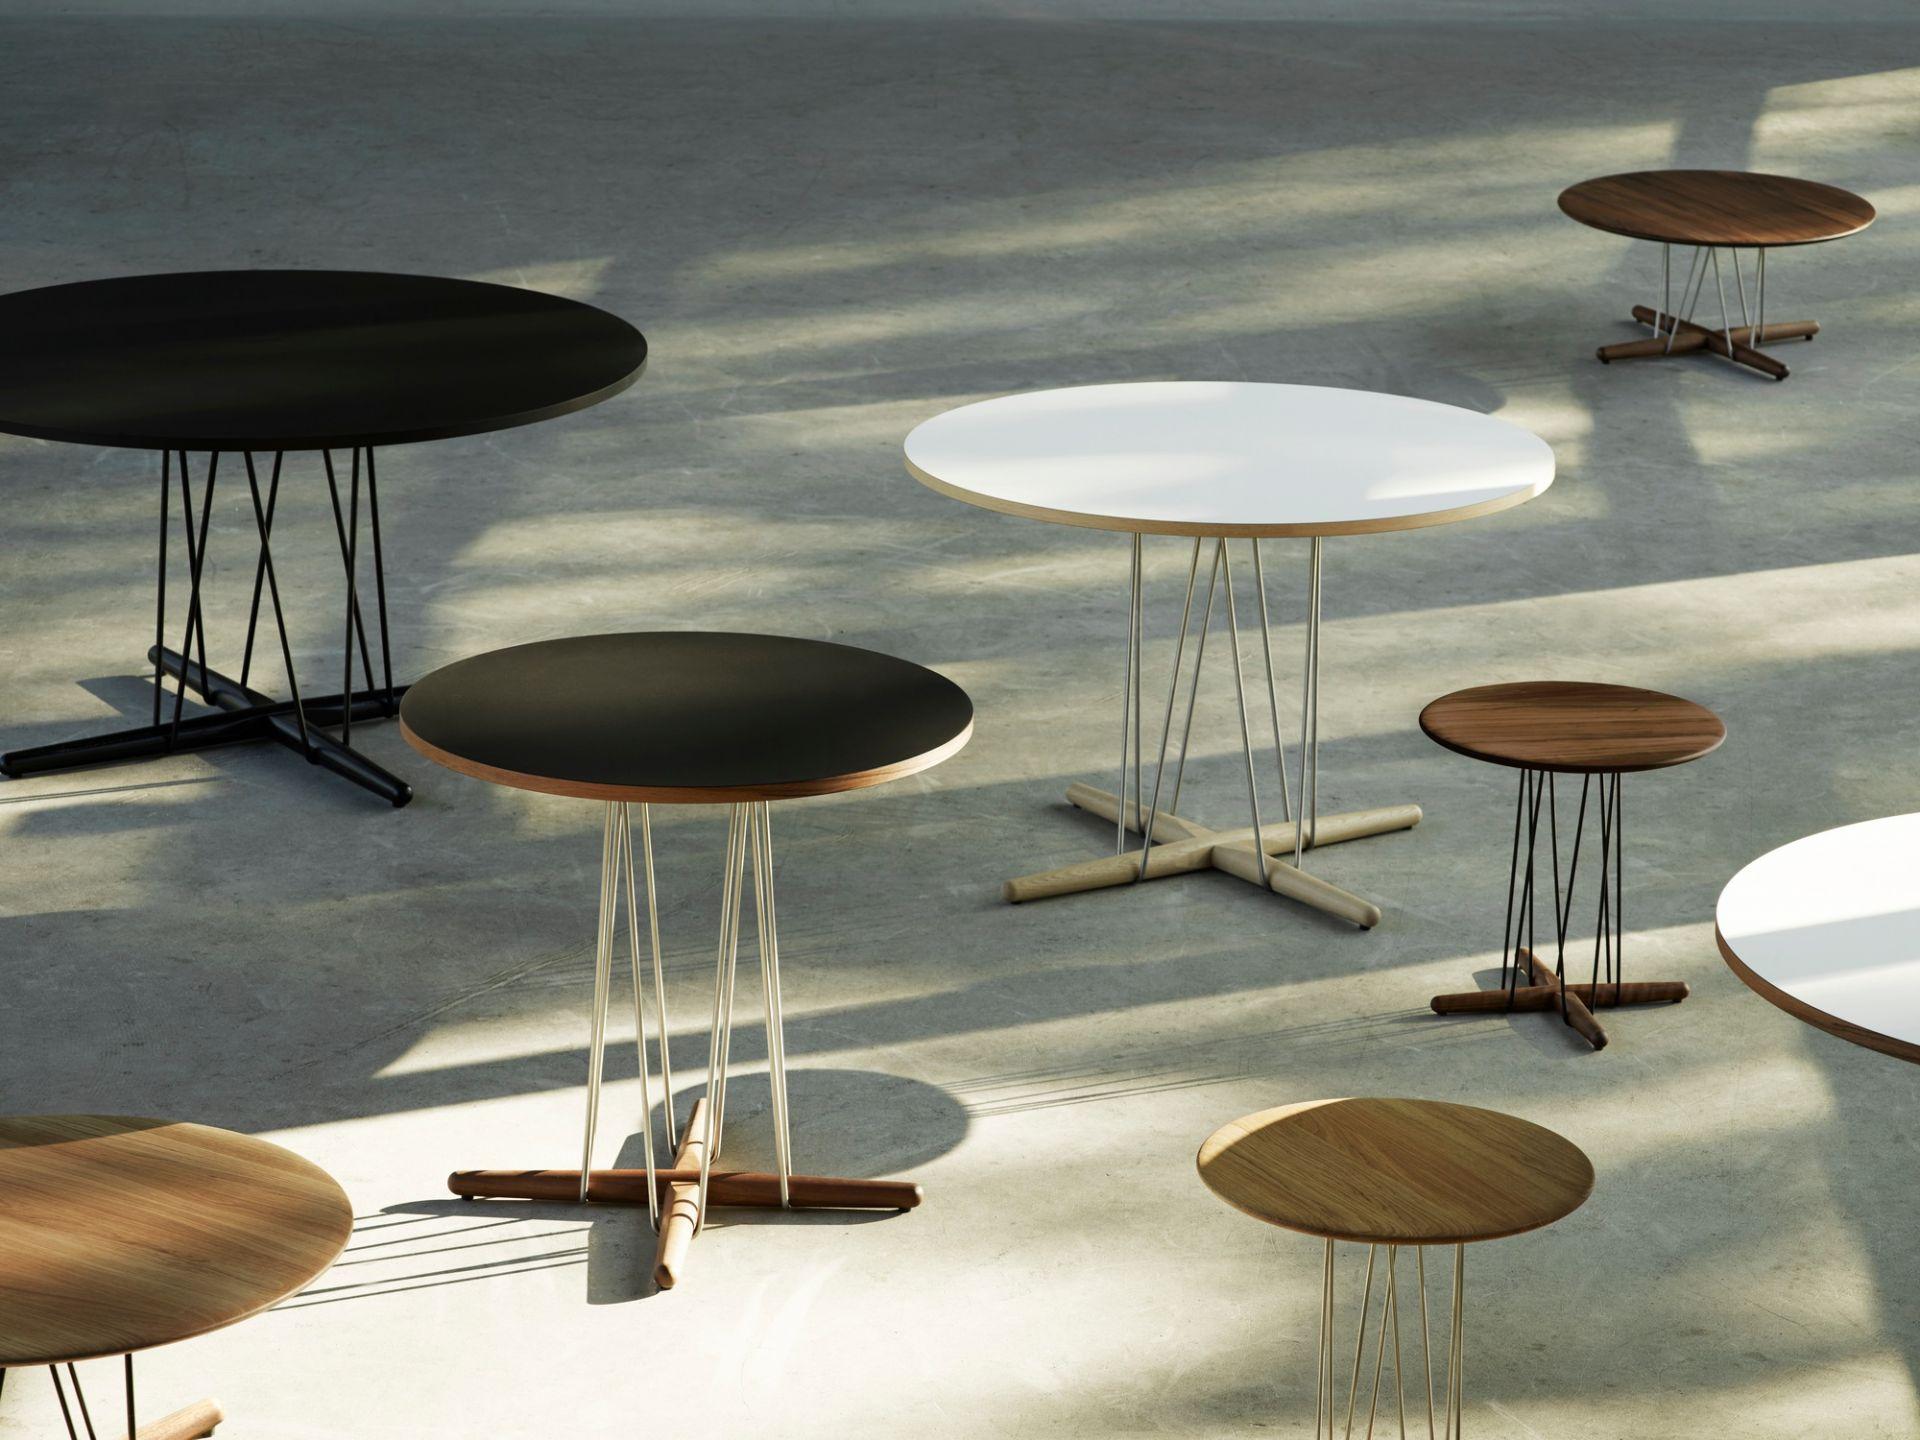 Embrace Lounge Table Tisch Carl Hansen & Søn Stahl schwarz pulverbeschichtet - Eiche geseift